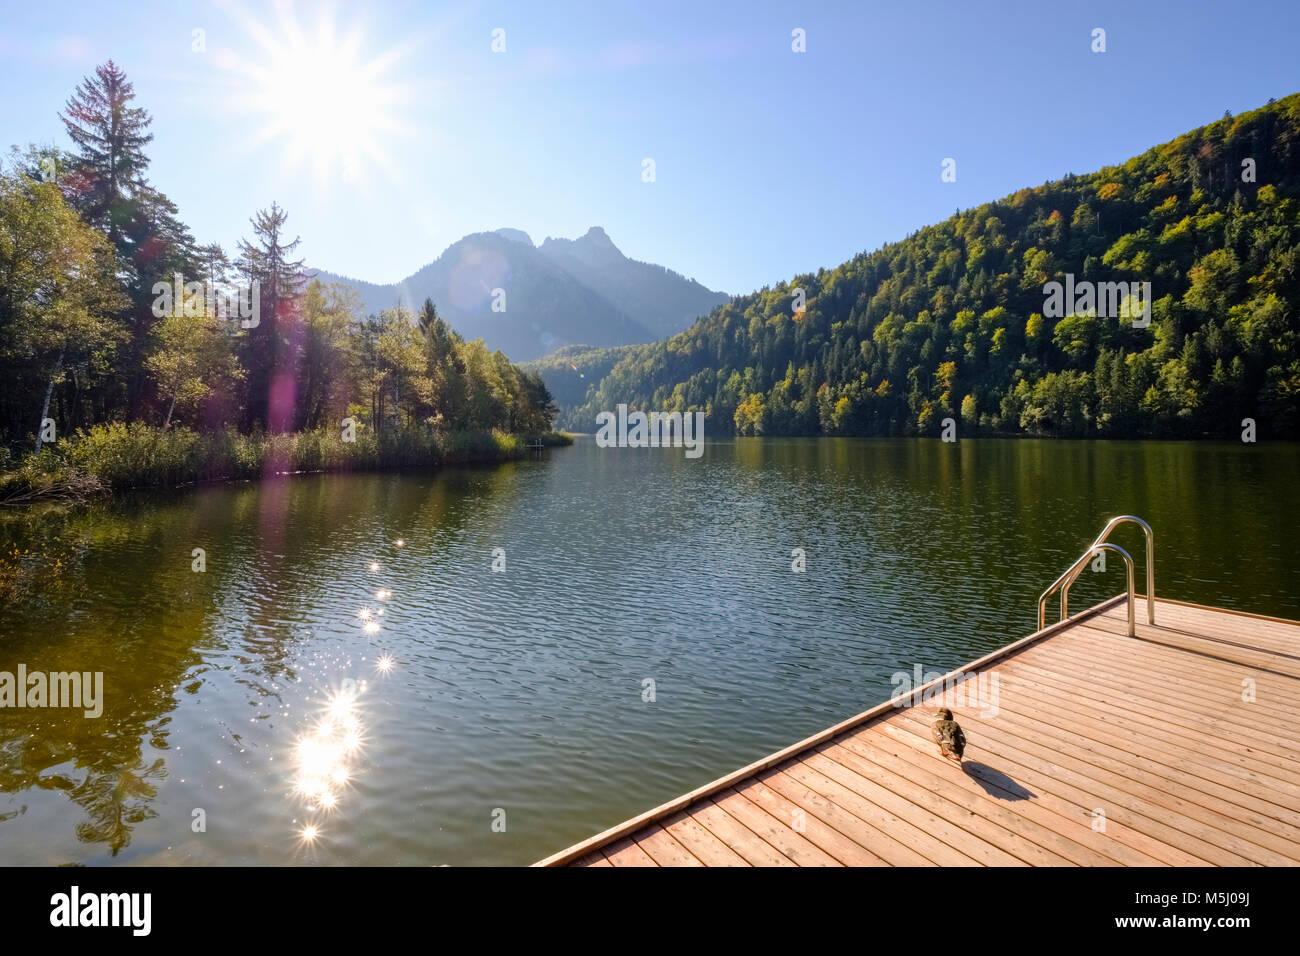 Badesteg, Schwansee bei Schwangau, Königswinkel, Ostallgäu, Allgäu, Schwaben, Bayern, Deutschland Stock Photo